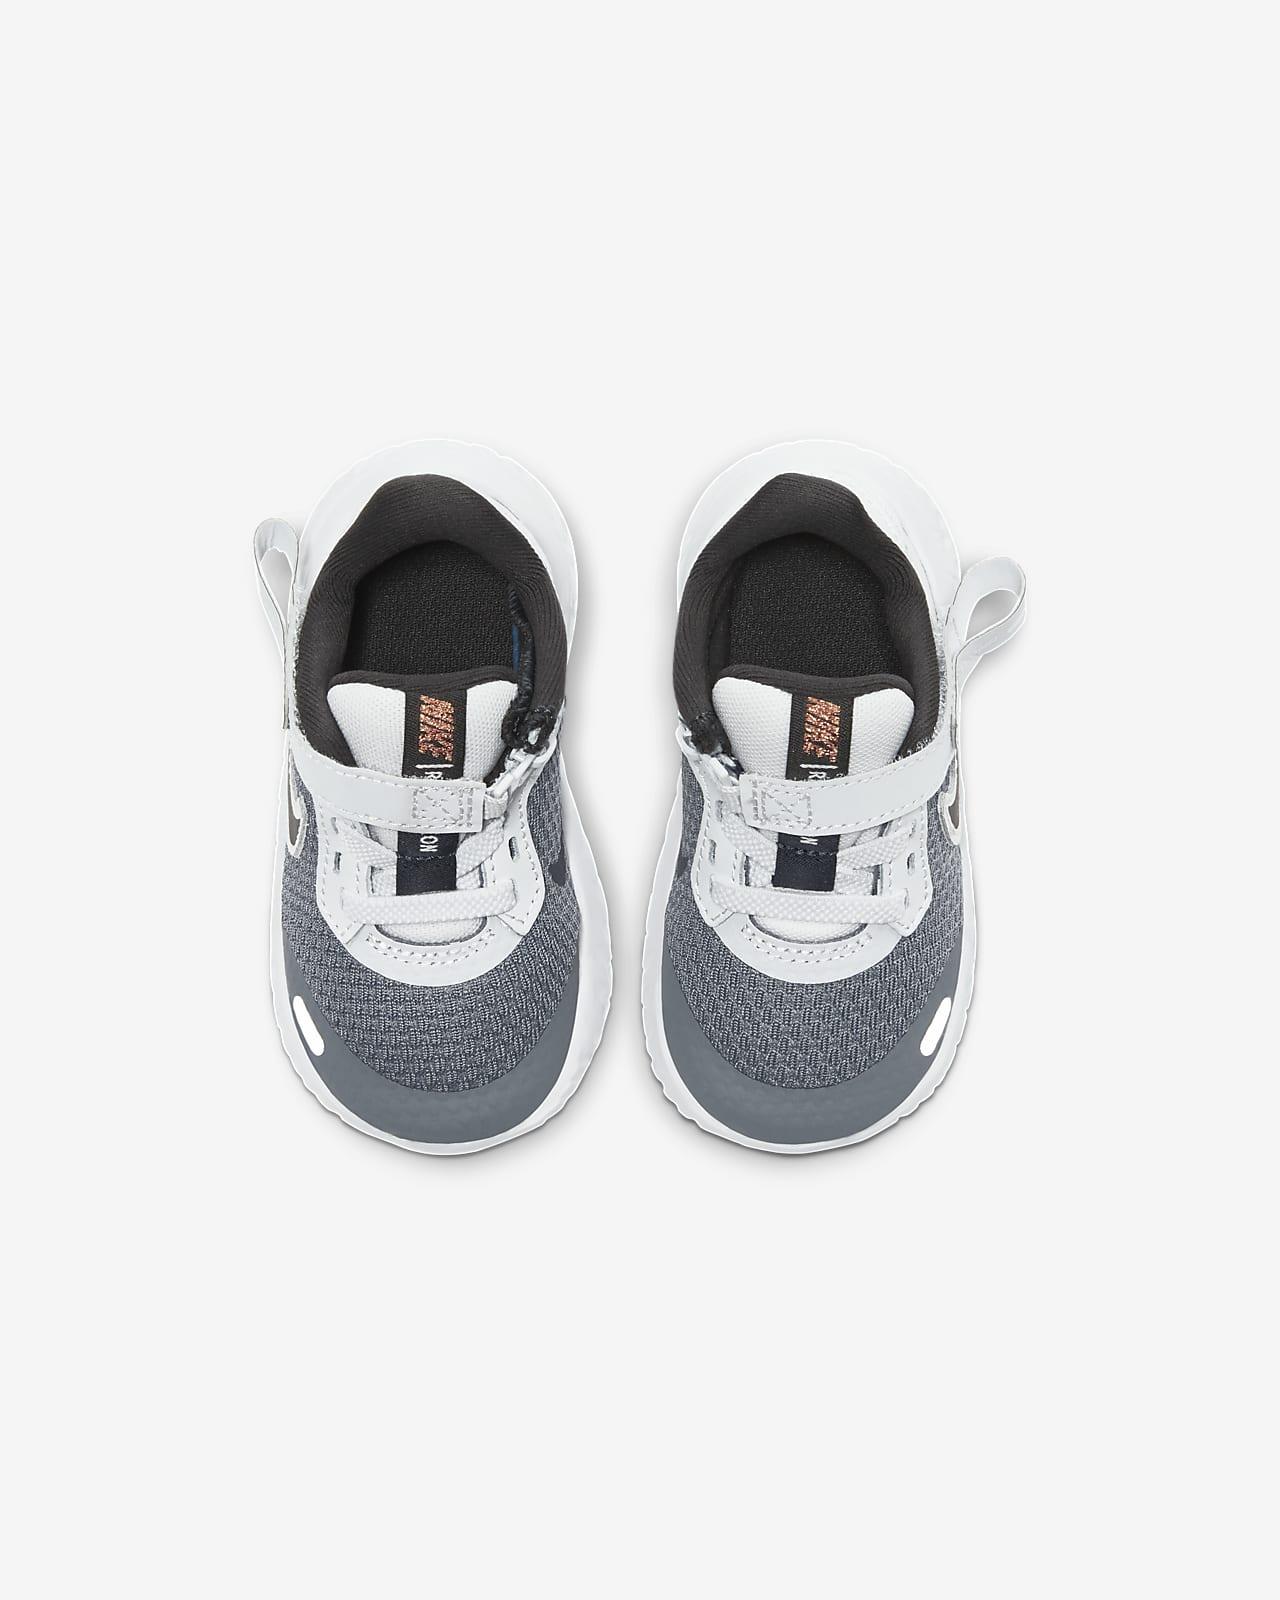 Chaussure Nike Revolution 5 FlyEase pour BébéPetit enfant